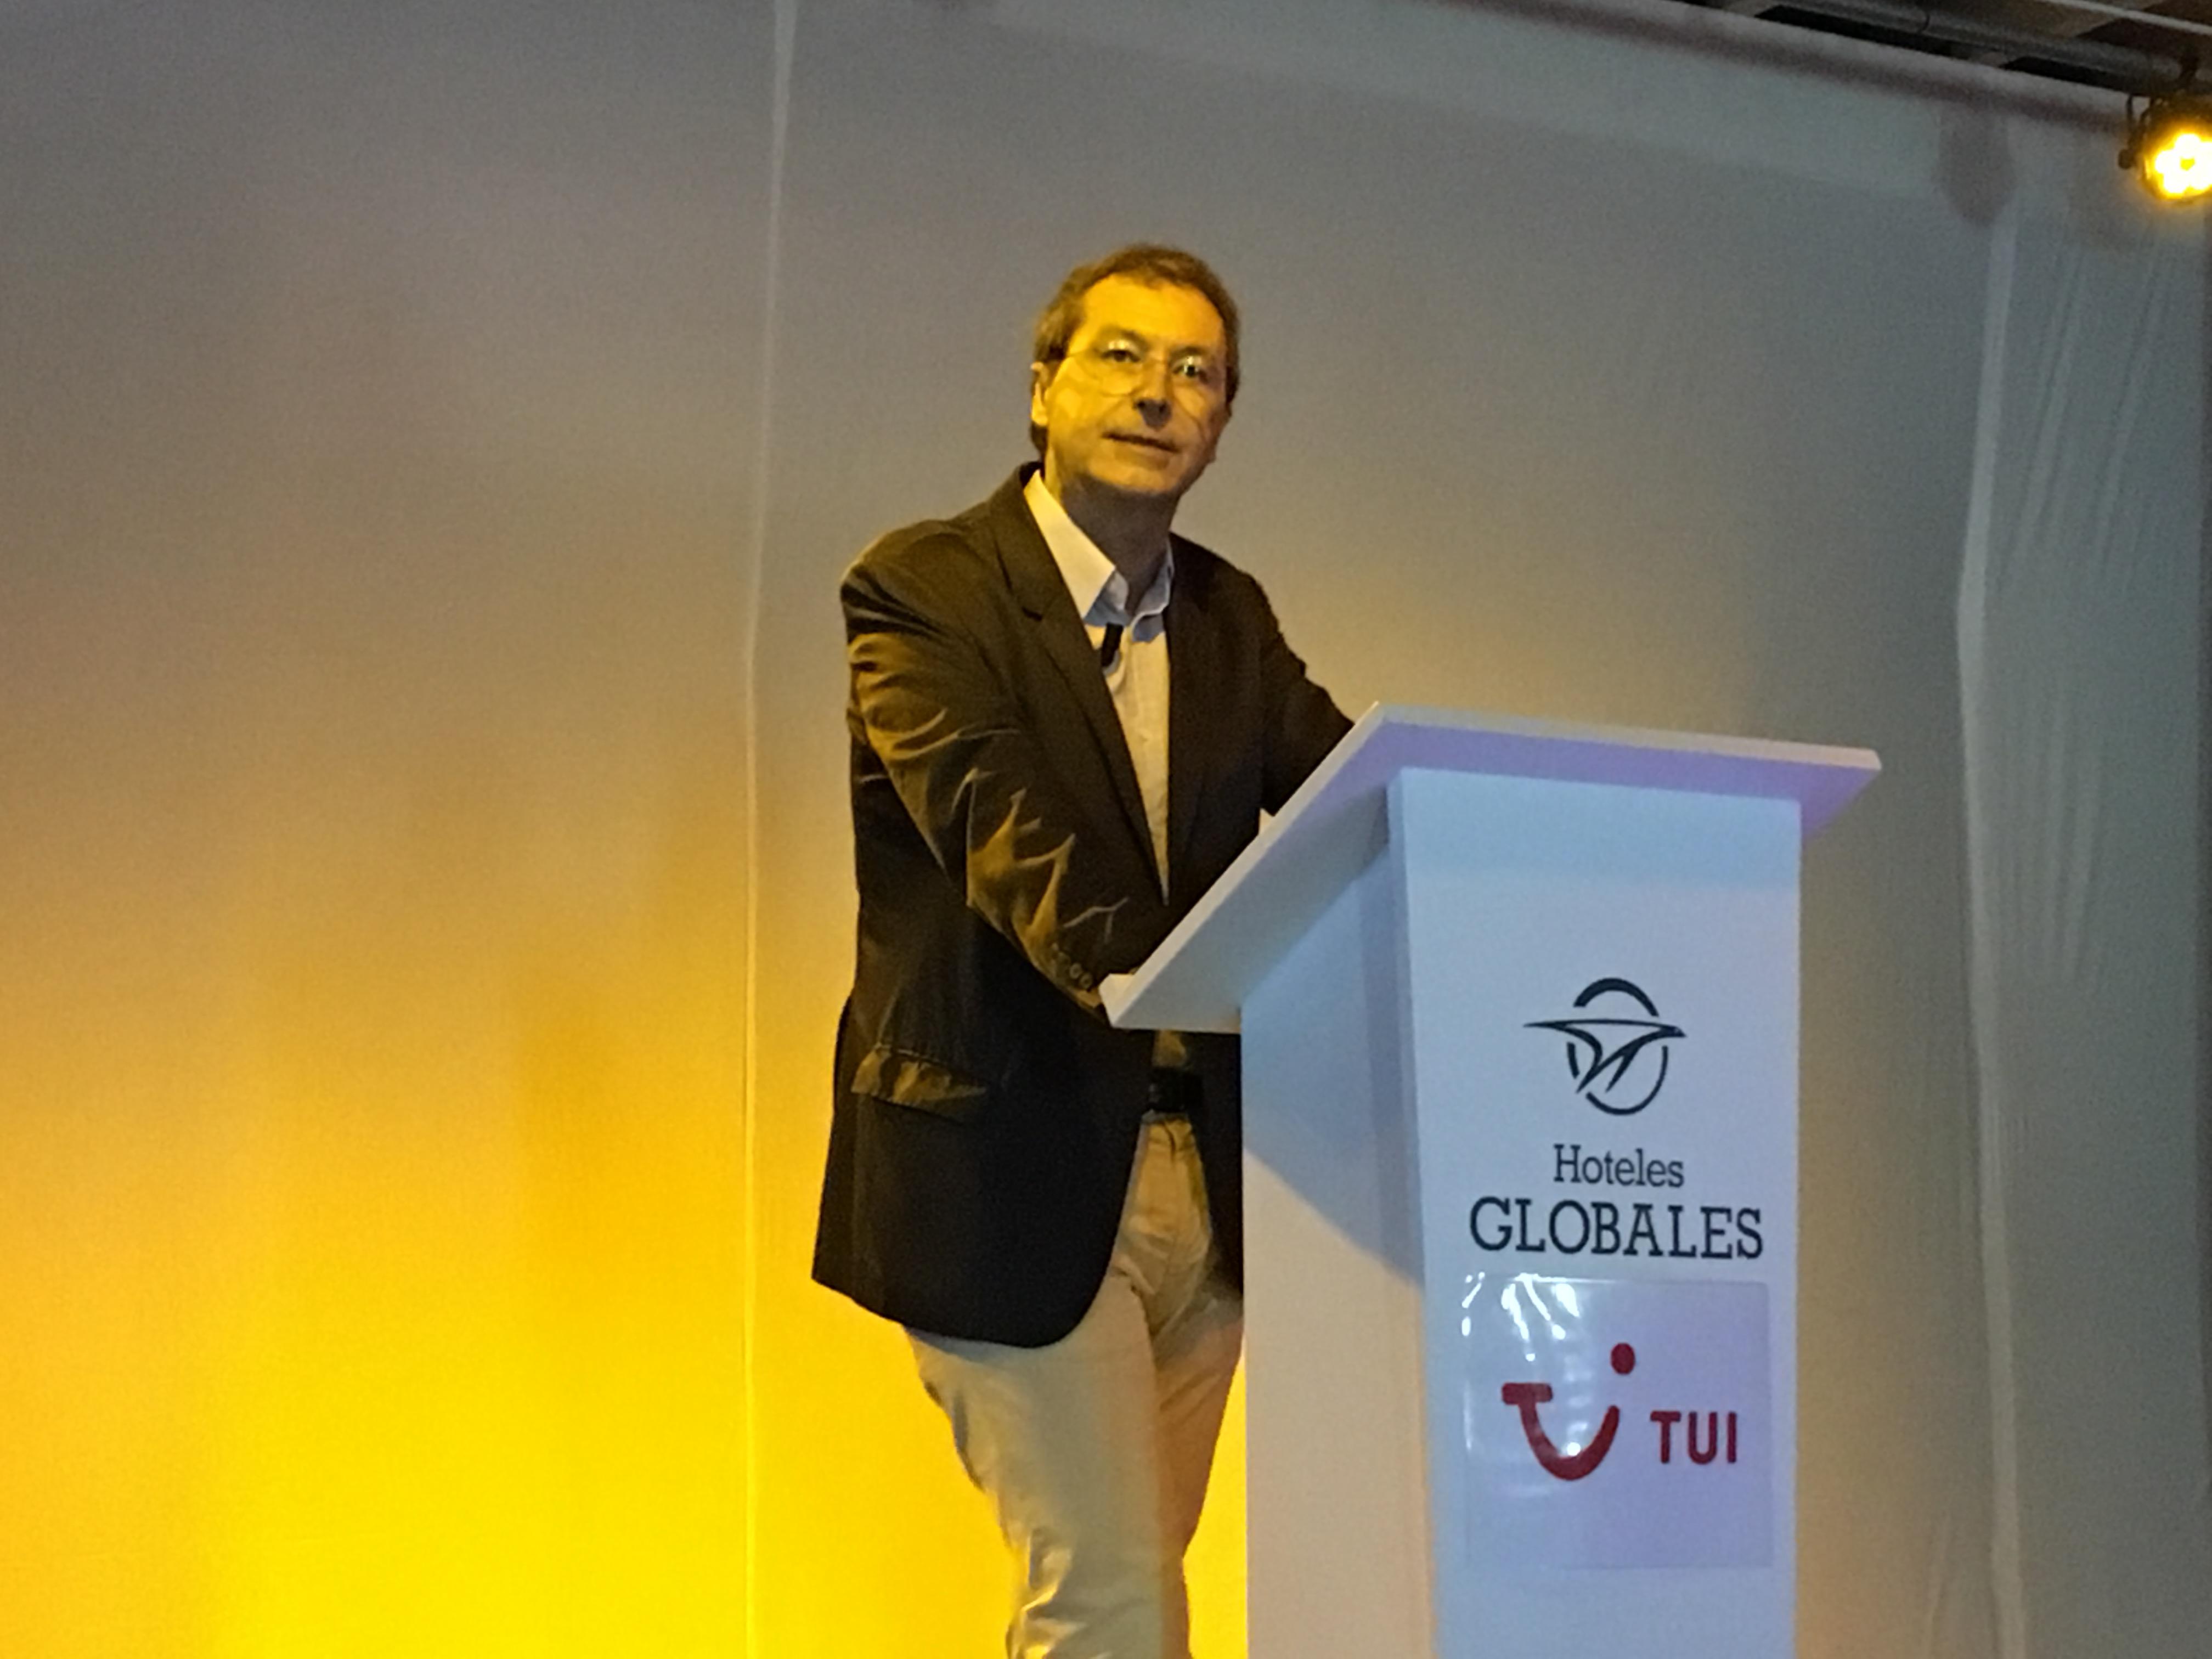 Pascal de Izaguirre, président directeur général de TUI France. - CL